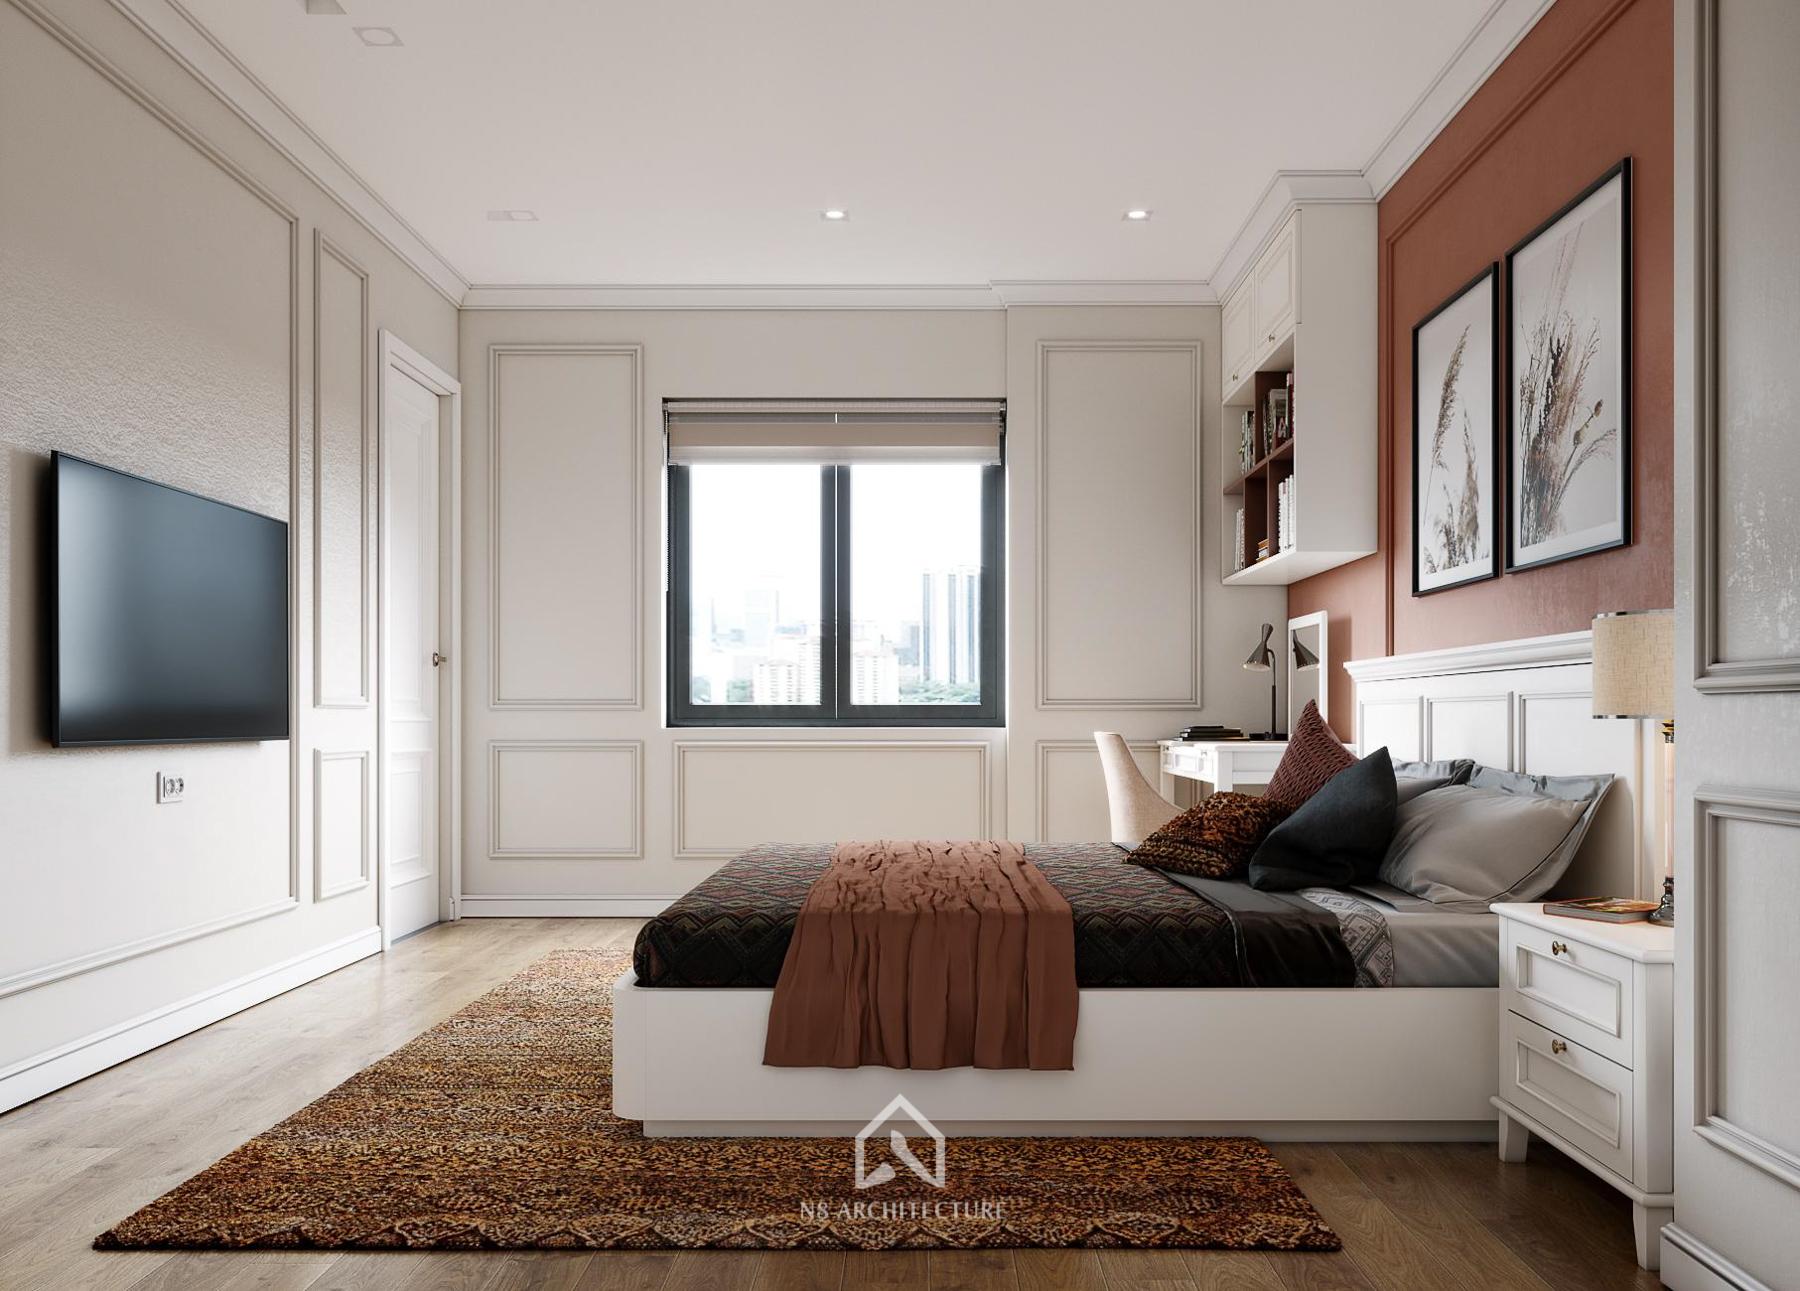 thiết kế nội thất chung cư paragon 14